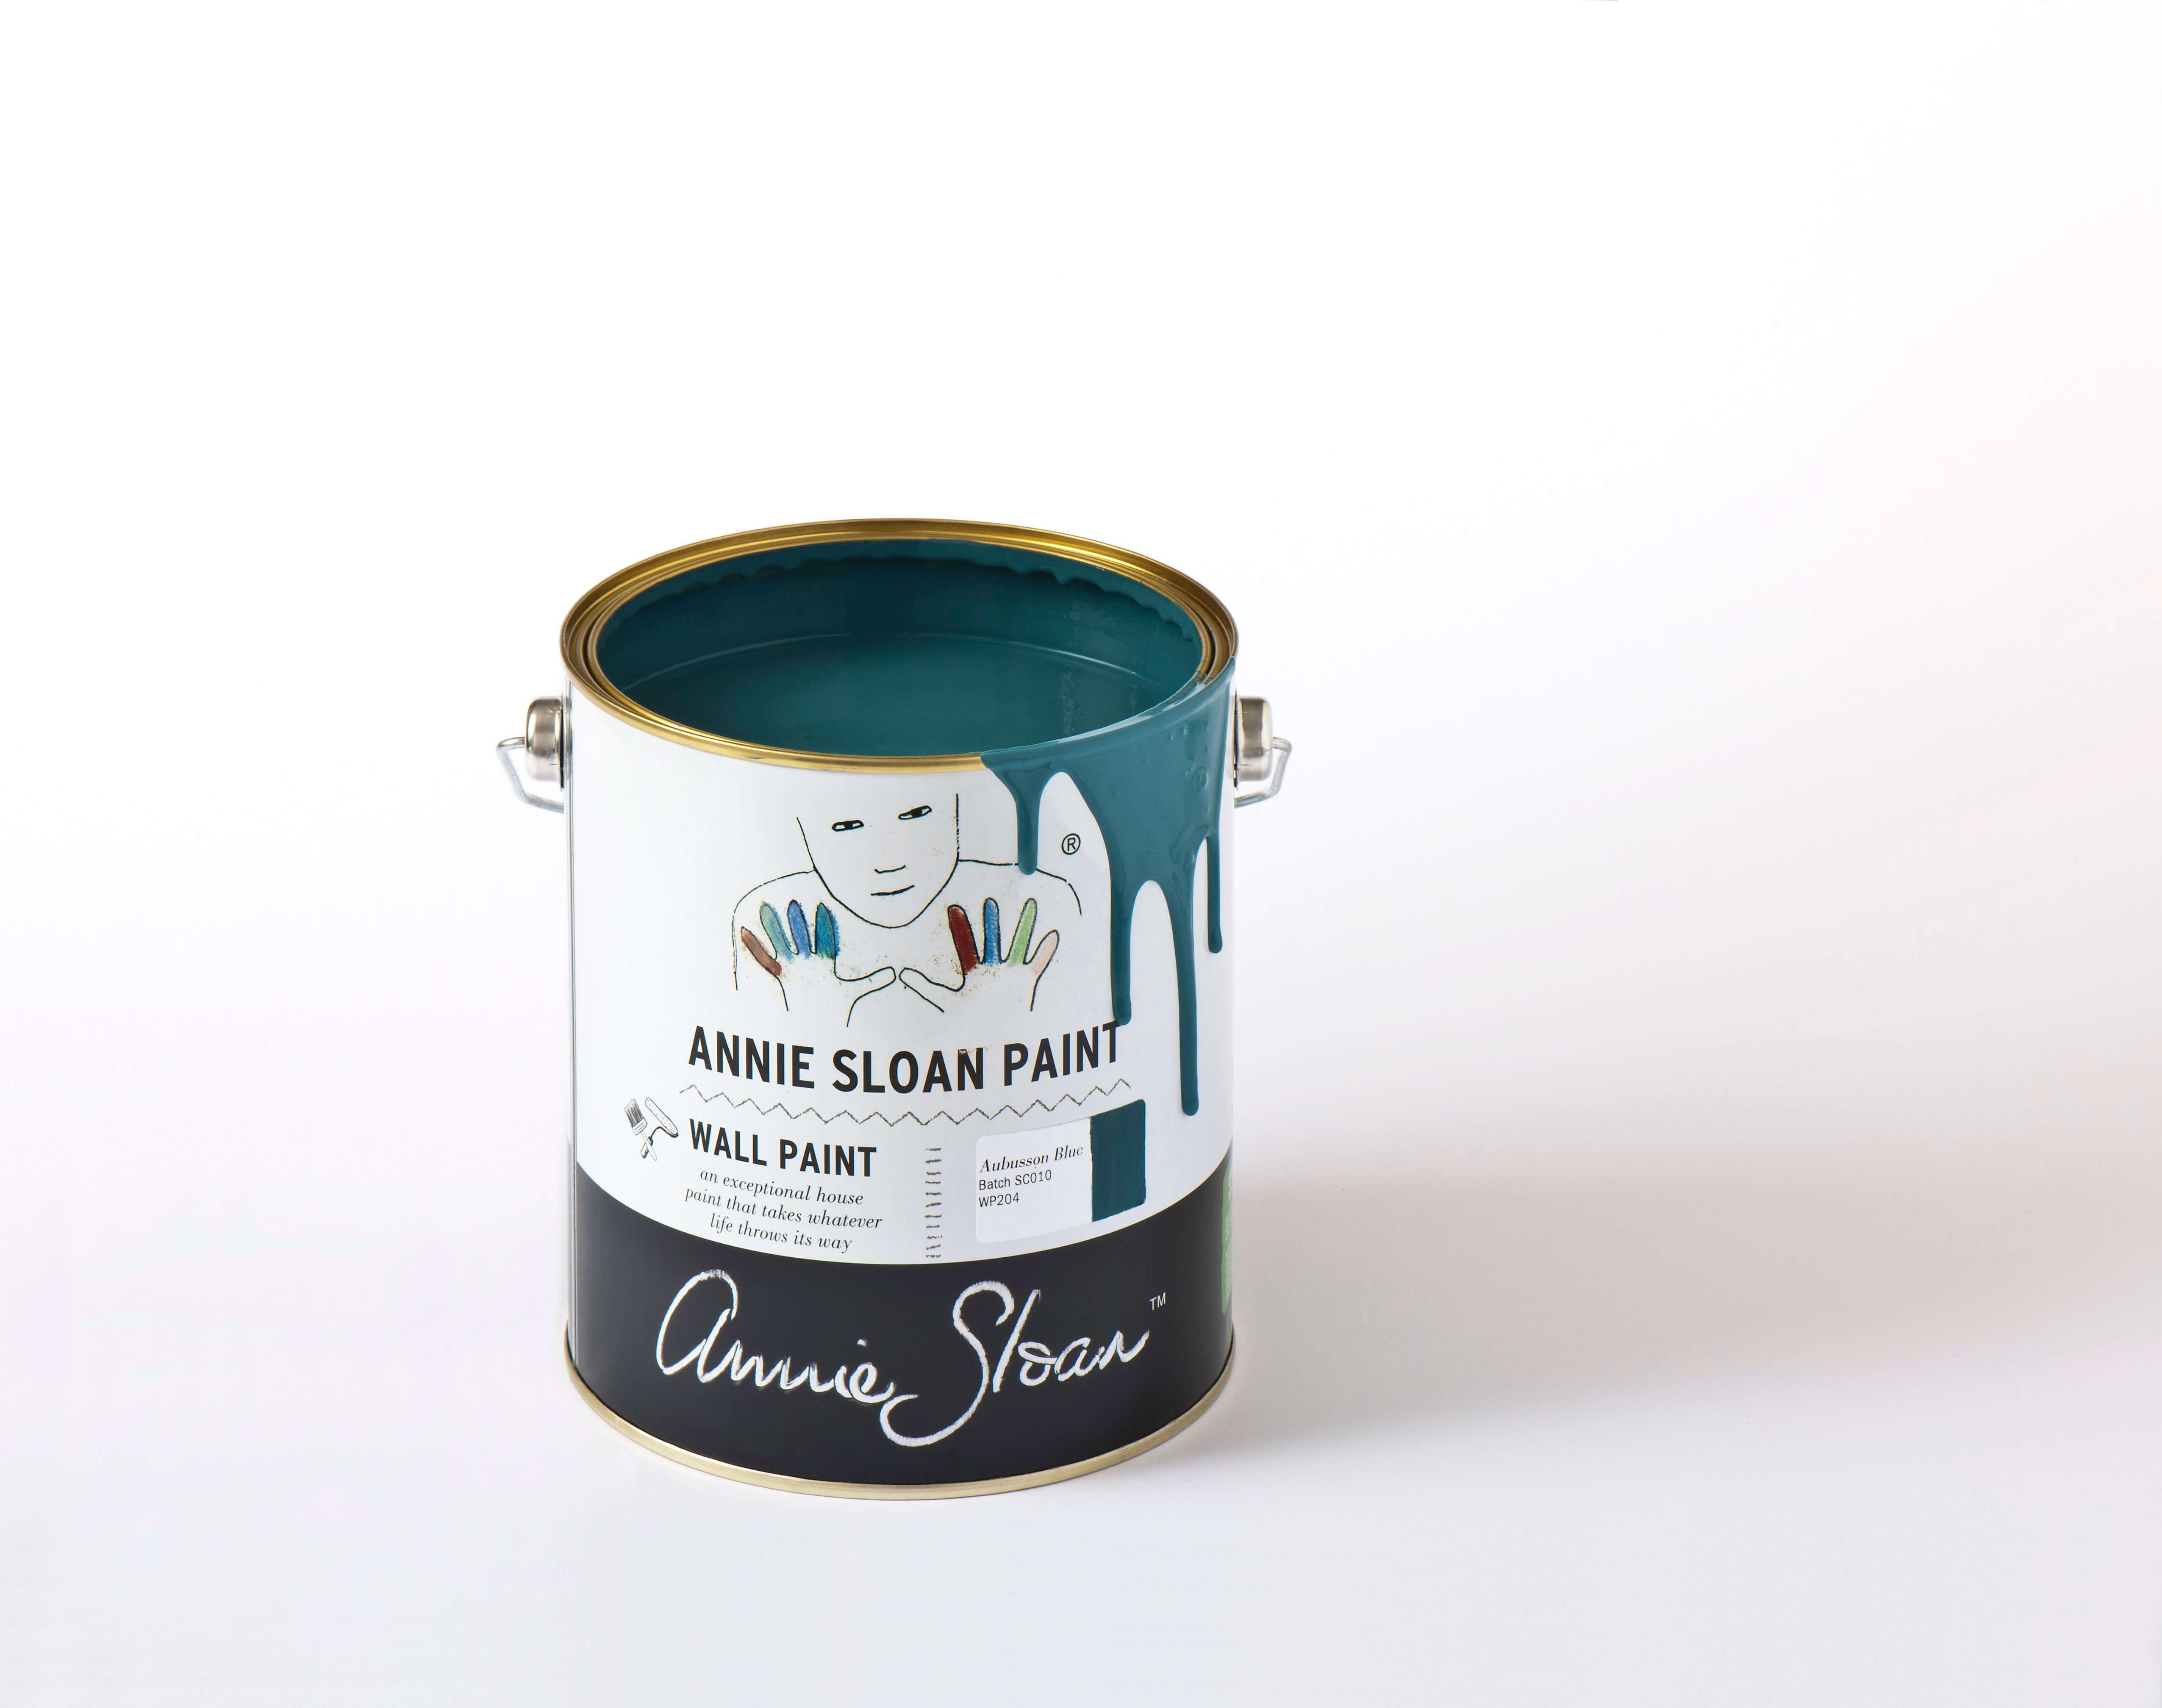 Artystyczne-malowanie-z-brytyjską-marką-Annie-Sloan